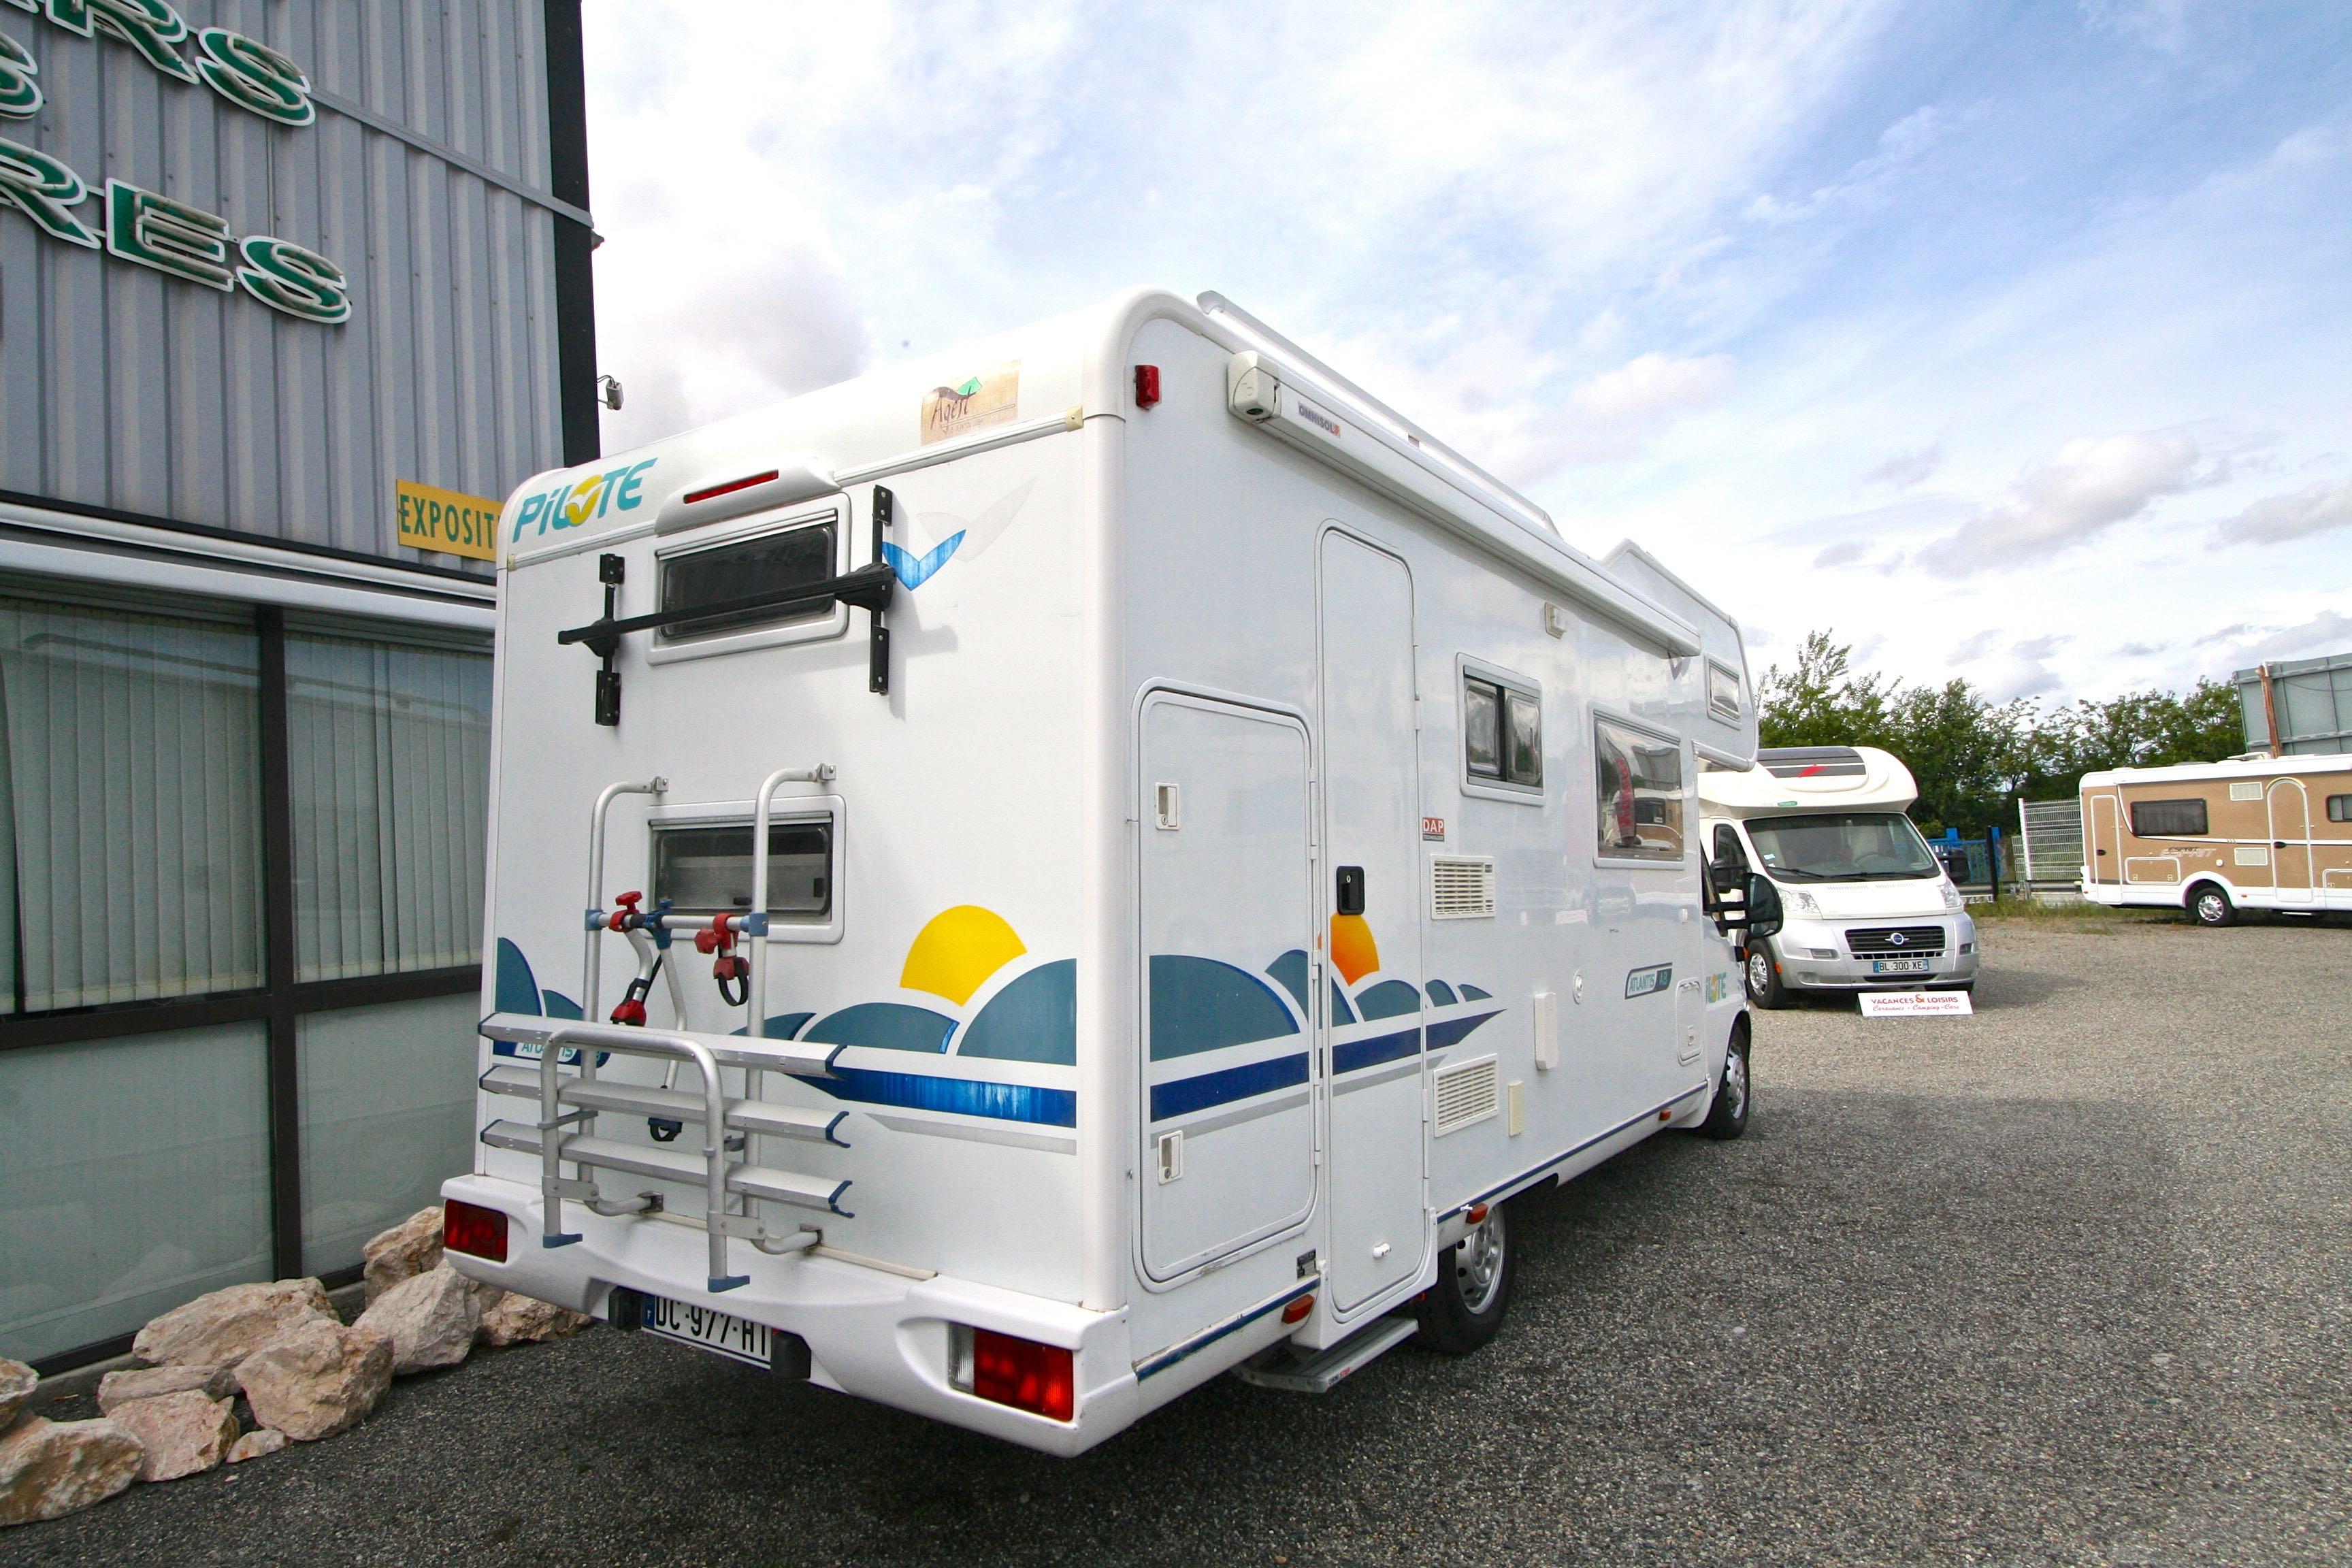 pilote a 8 occasion fiat camping car en vente roques sur garonne haute garonne 31. Black Bedroom Furniture Sets. Home Design Ideas